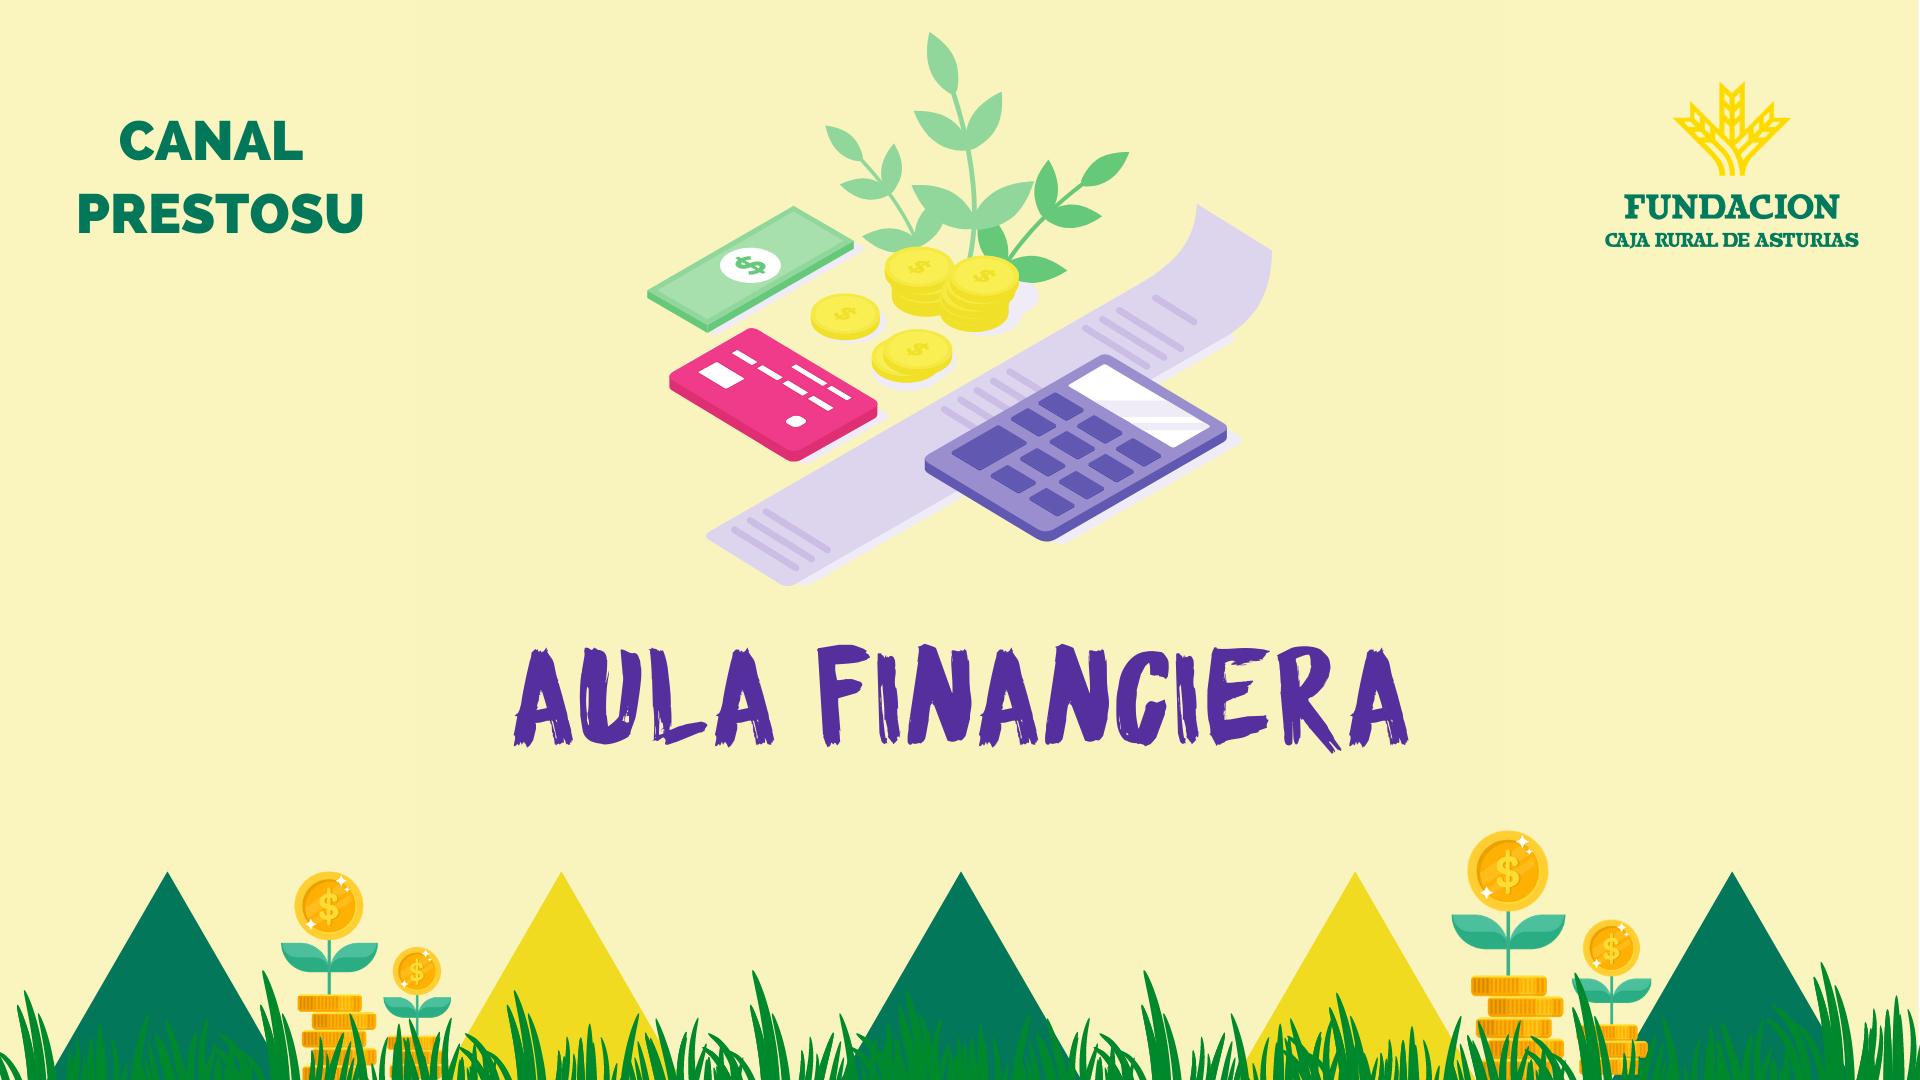 Aula financiera FCRA CPrestosu